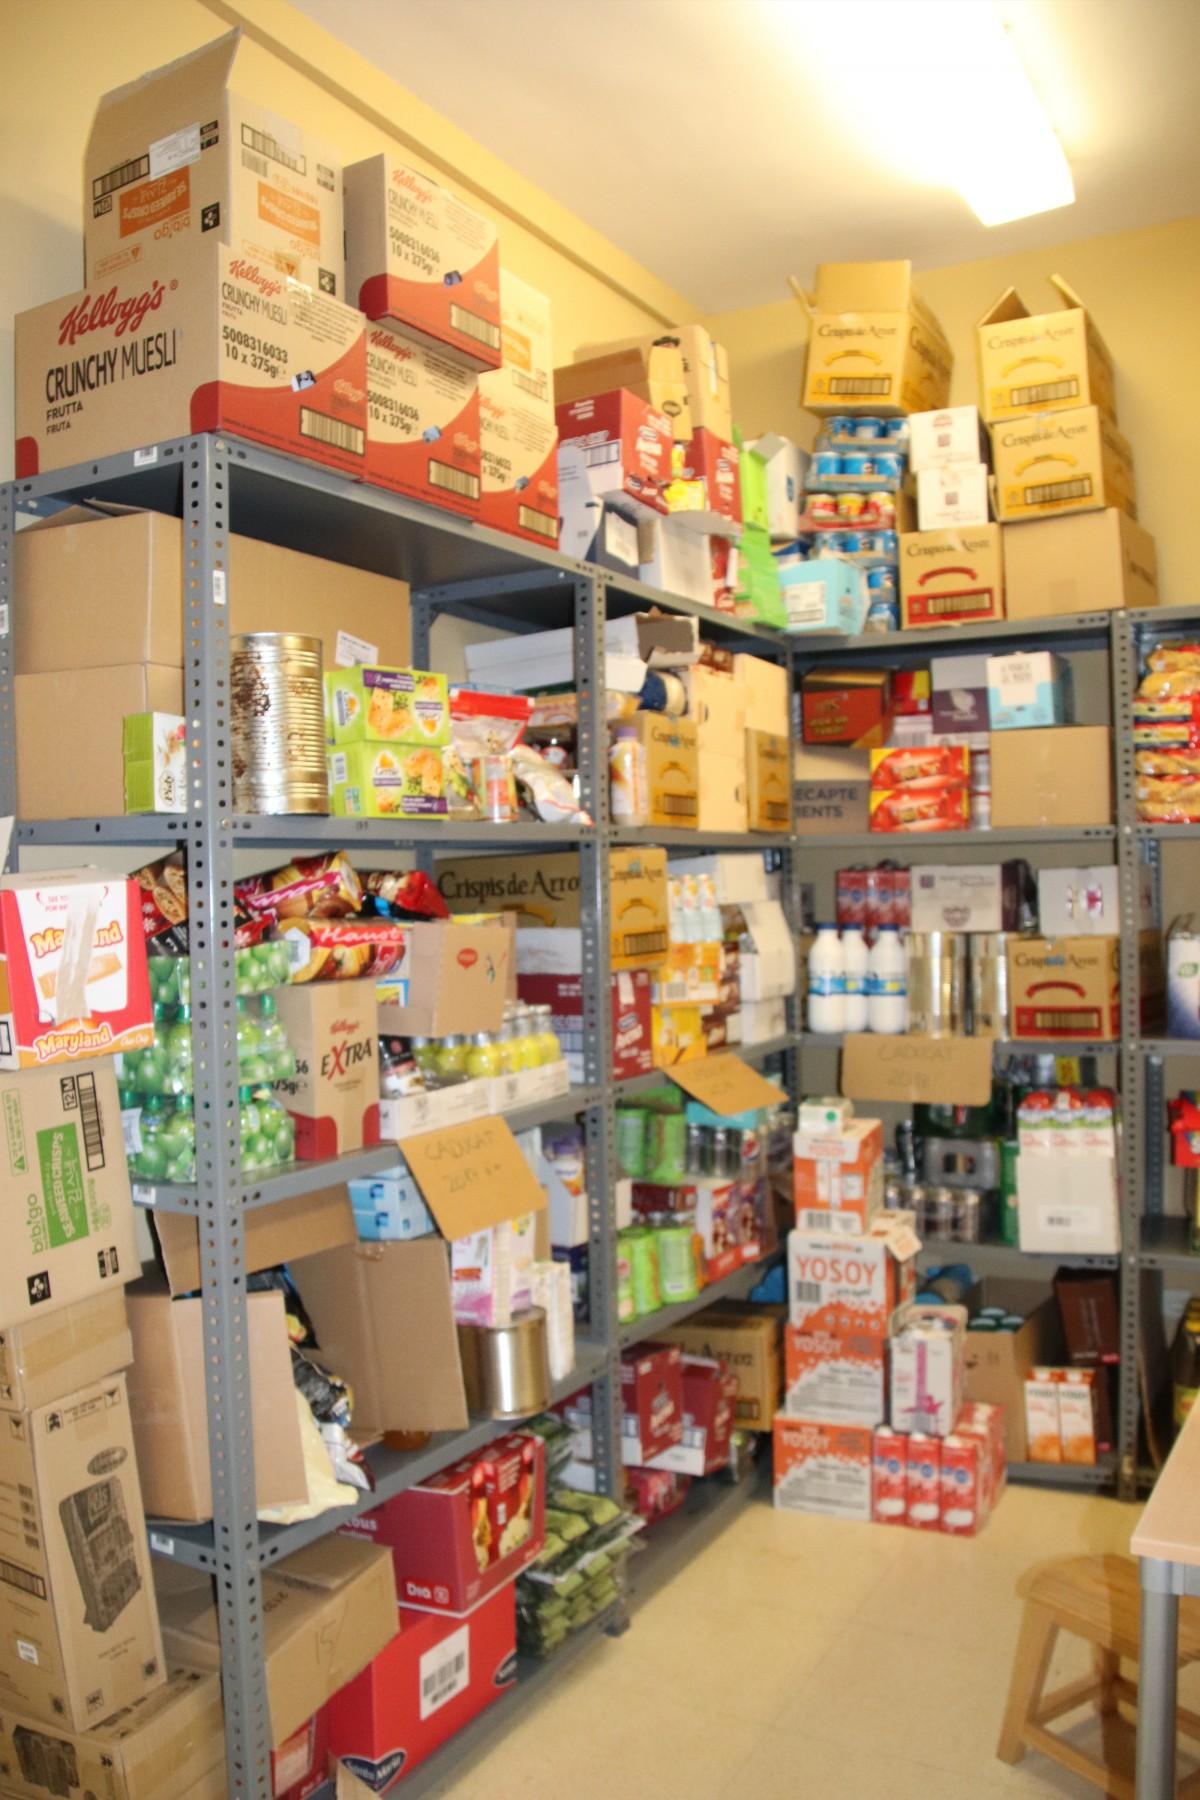 Comunicat – L'equip de govern denuncia que al local del Banc d'Aliments hi havia més de 2.000 kg d'aliments caducats